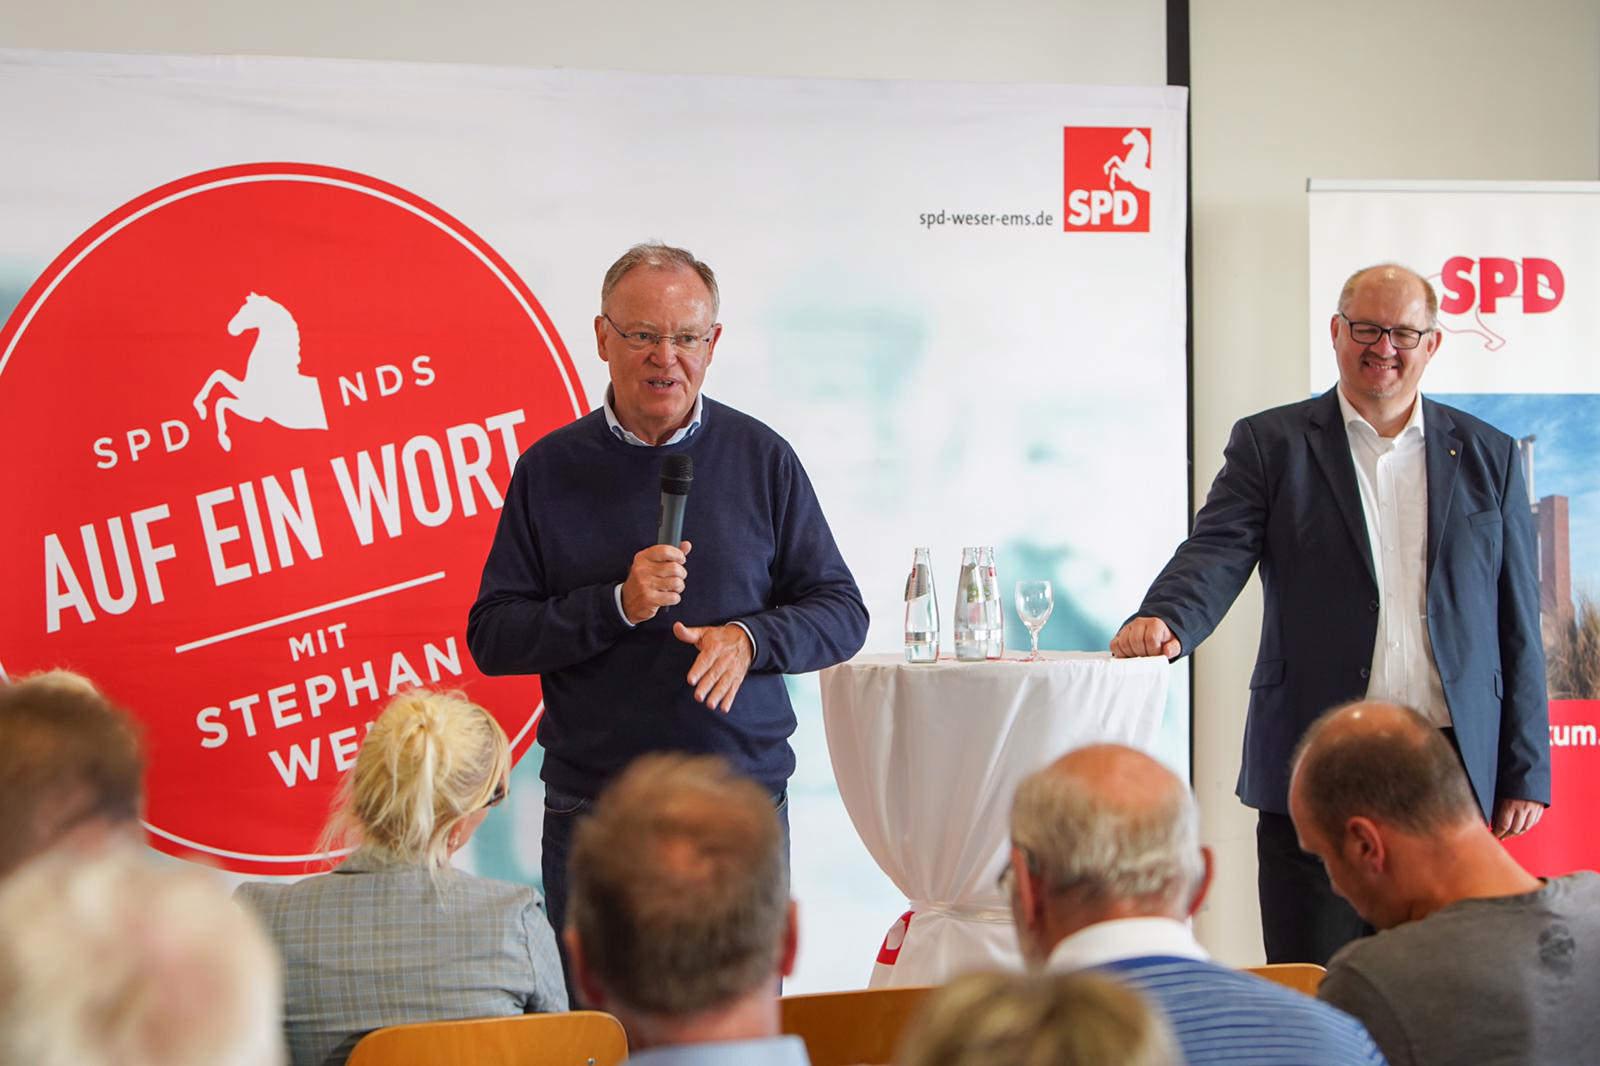 Auf ein Wort mit Stephan Weil